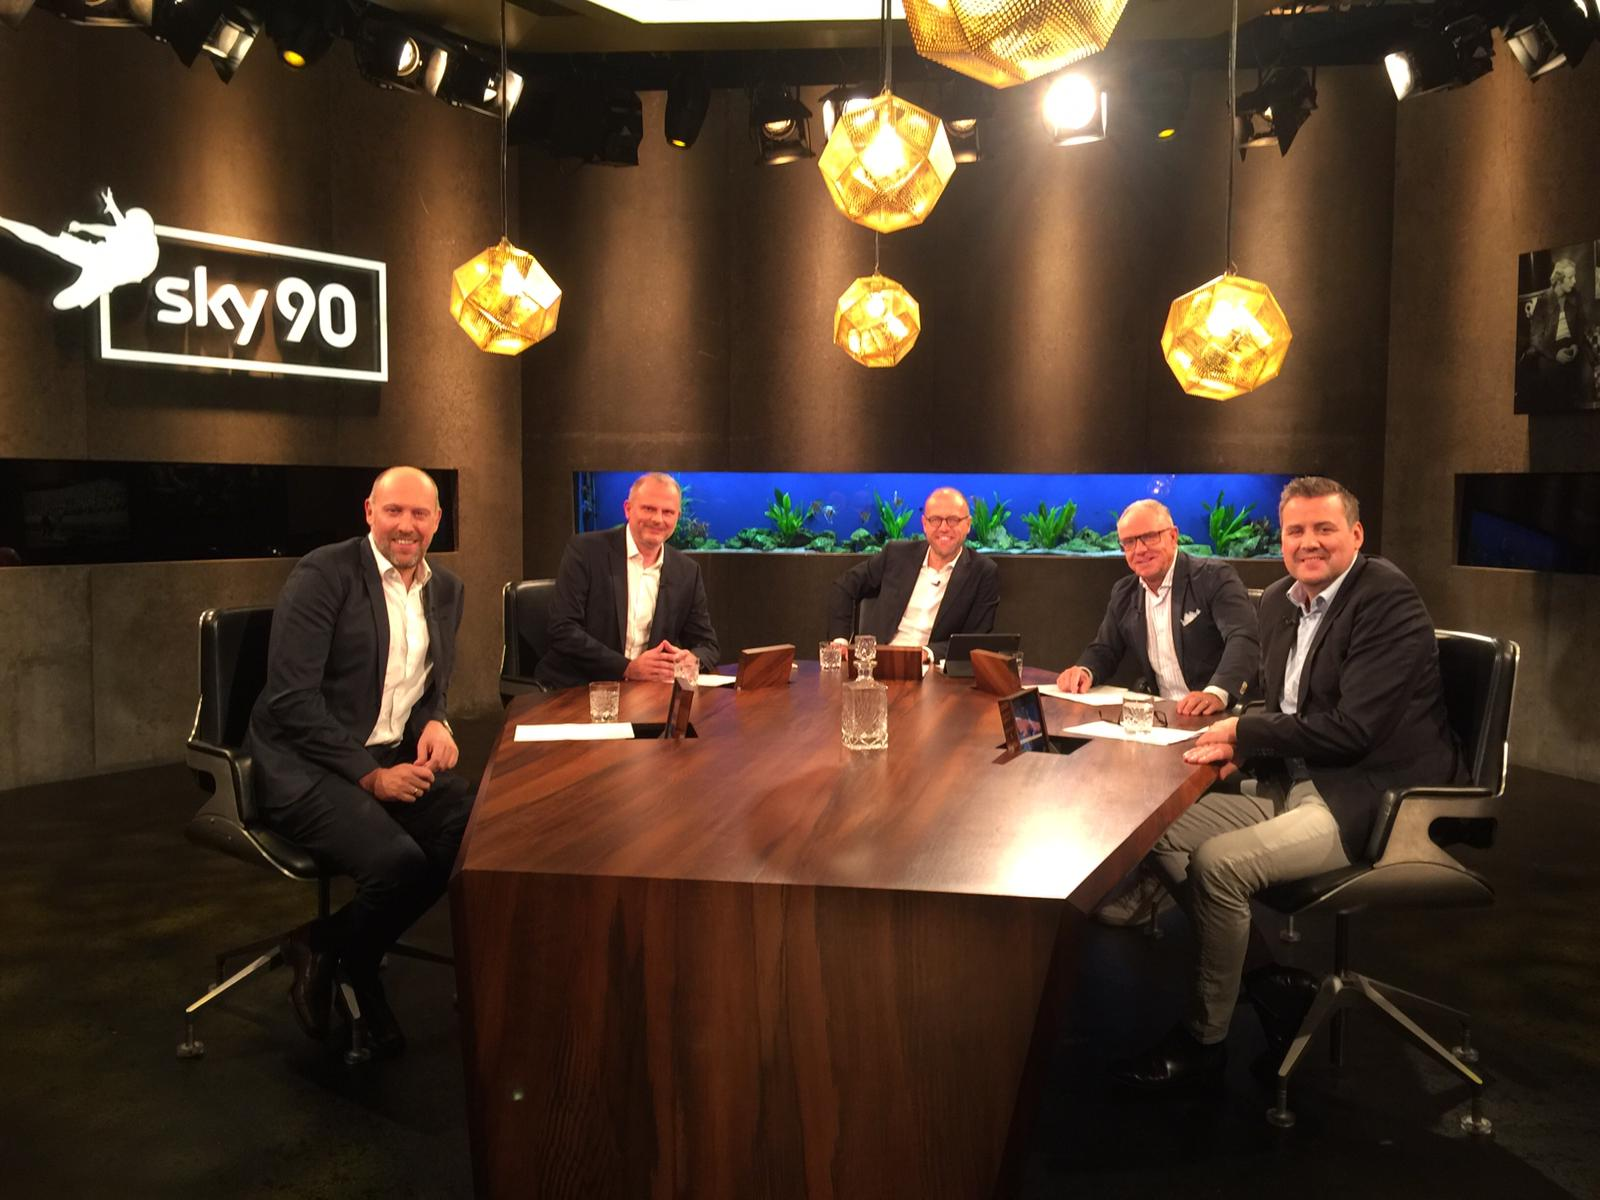 """Michael Rummenigge zu Gast bei """"Sky 90 die Fußball Debatte"""""""